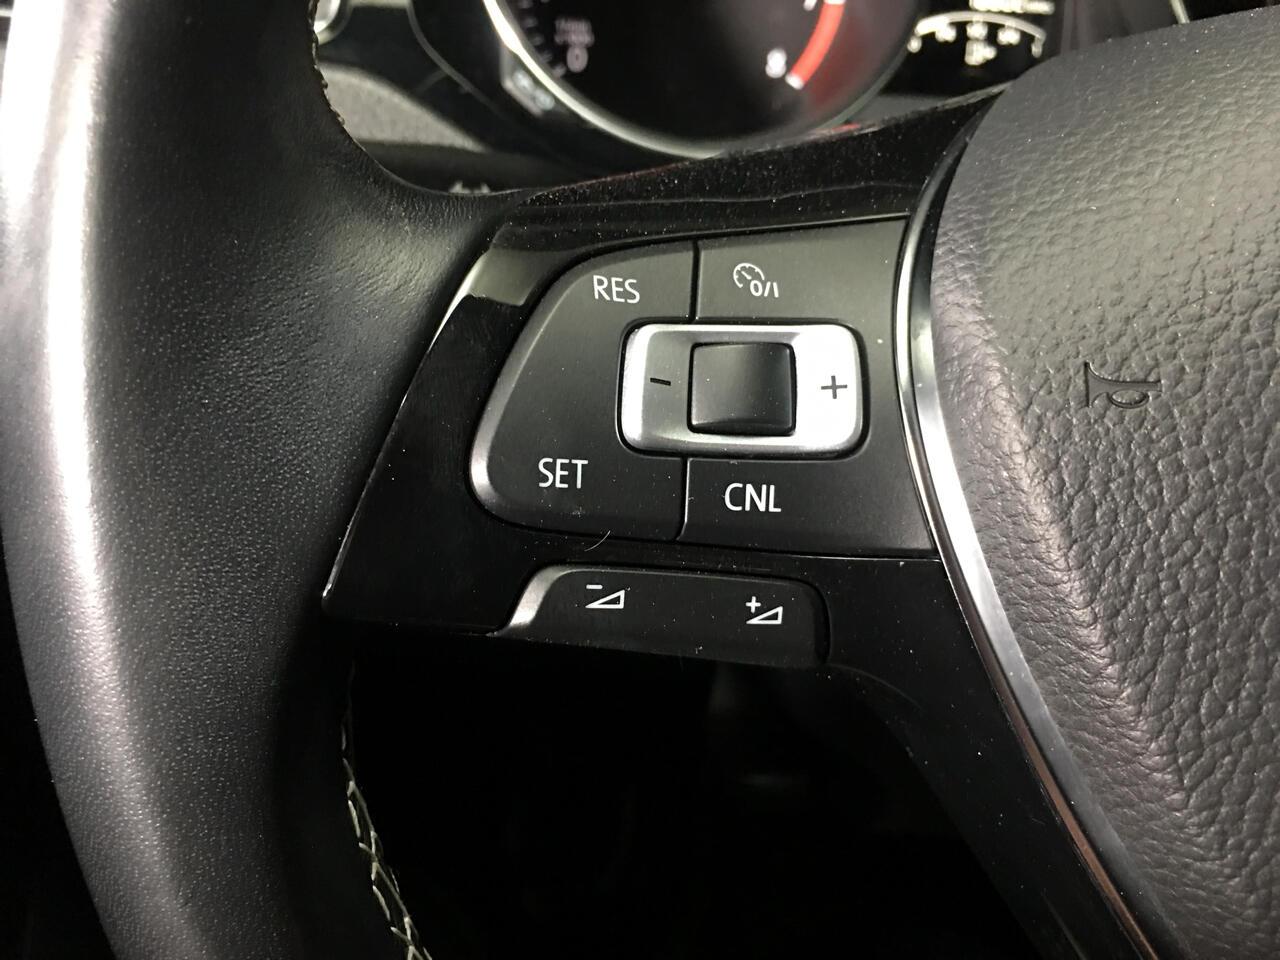 Pre-Owned 2016 Volkswagen Jetta Sedan 4dr Auto 1.8T Sport PZEV